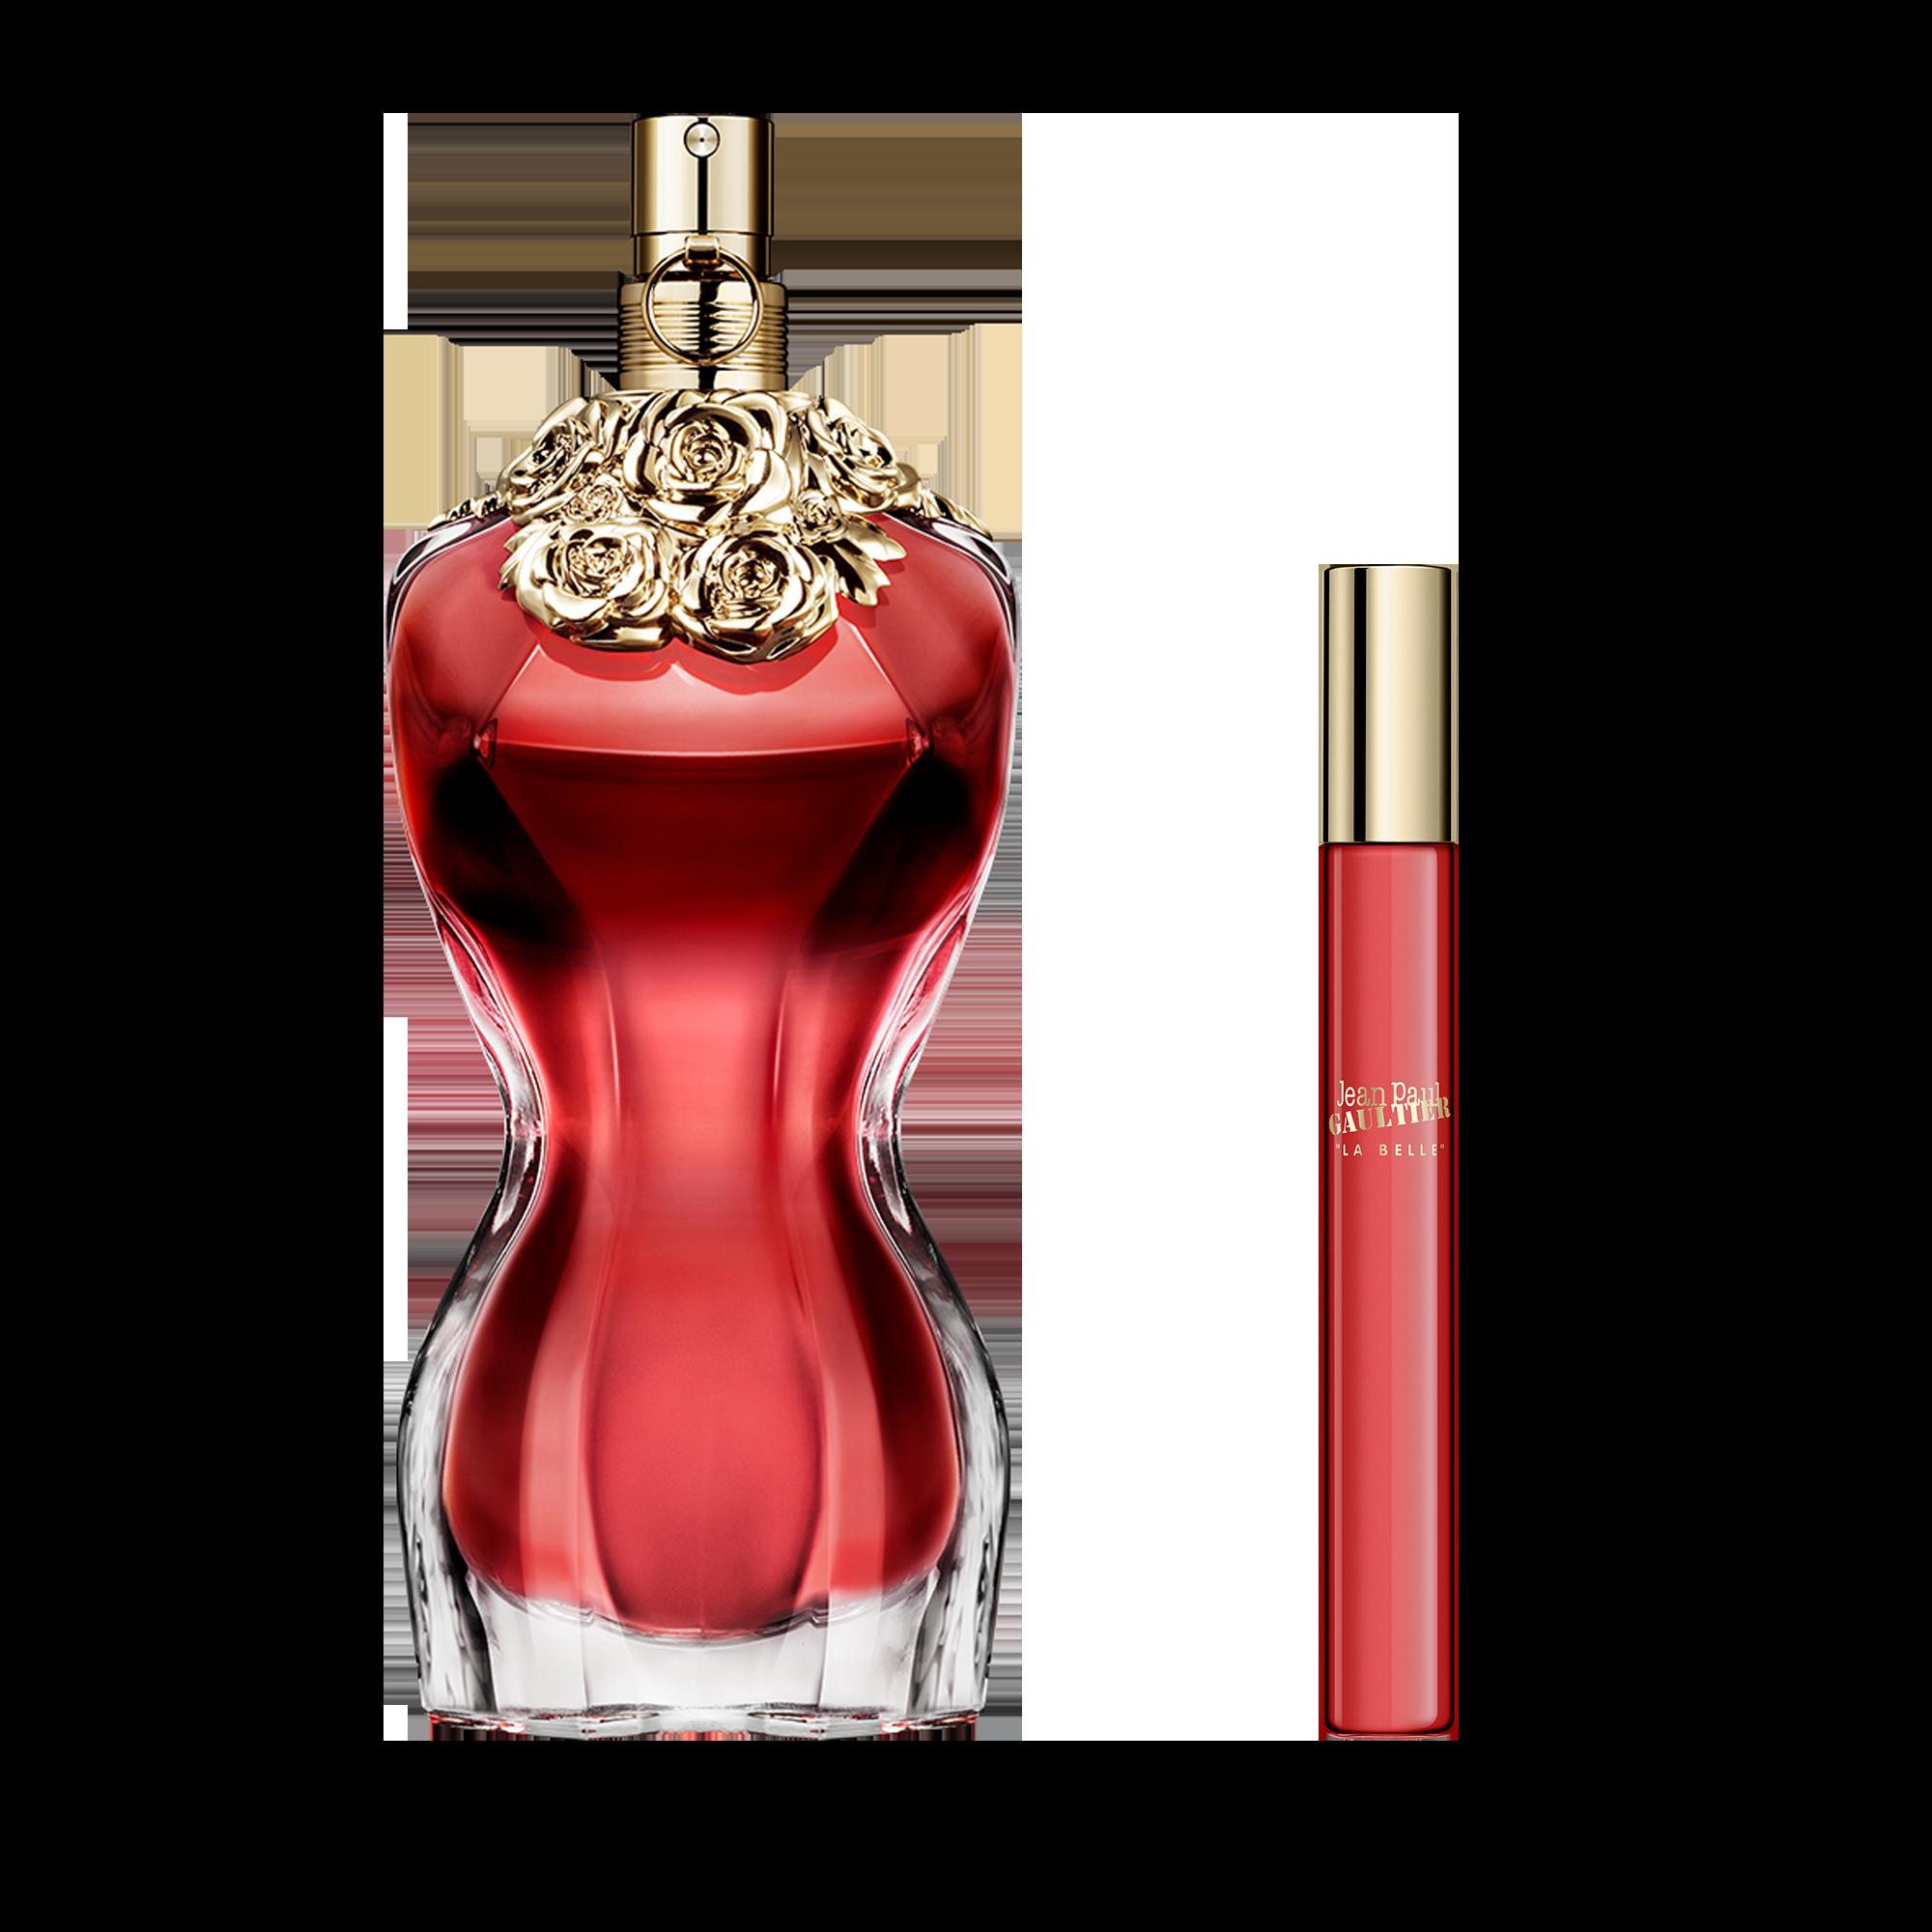 La Belle Jean Paul Gaultier para mujer. es un aroma oriental, en el cual la vainilla es un ingrediente predominante. (Suministrada)